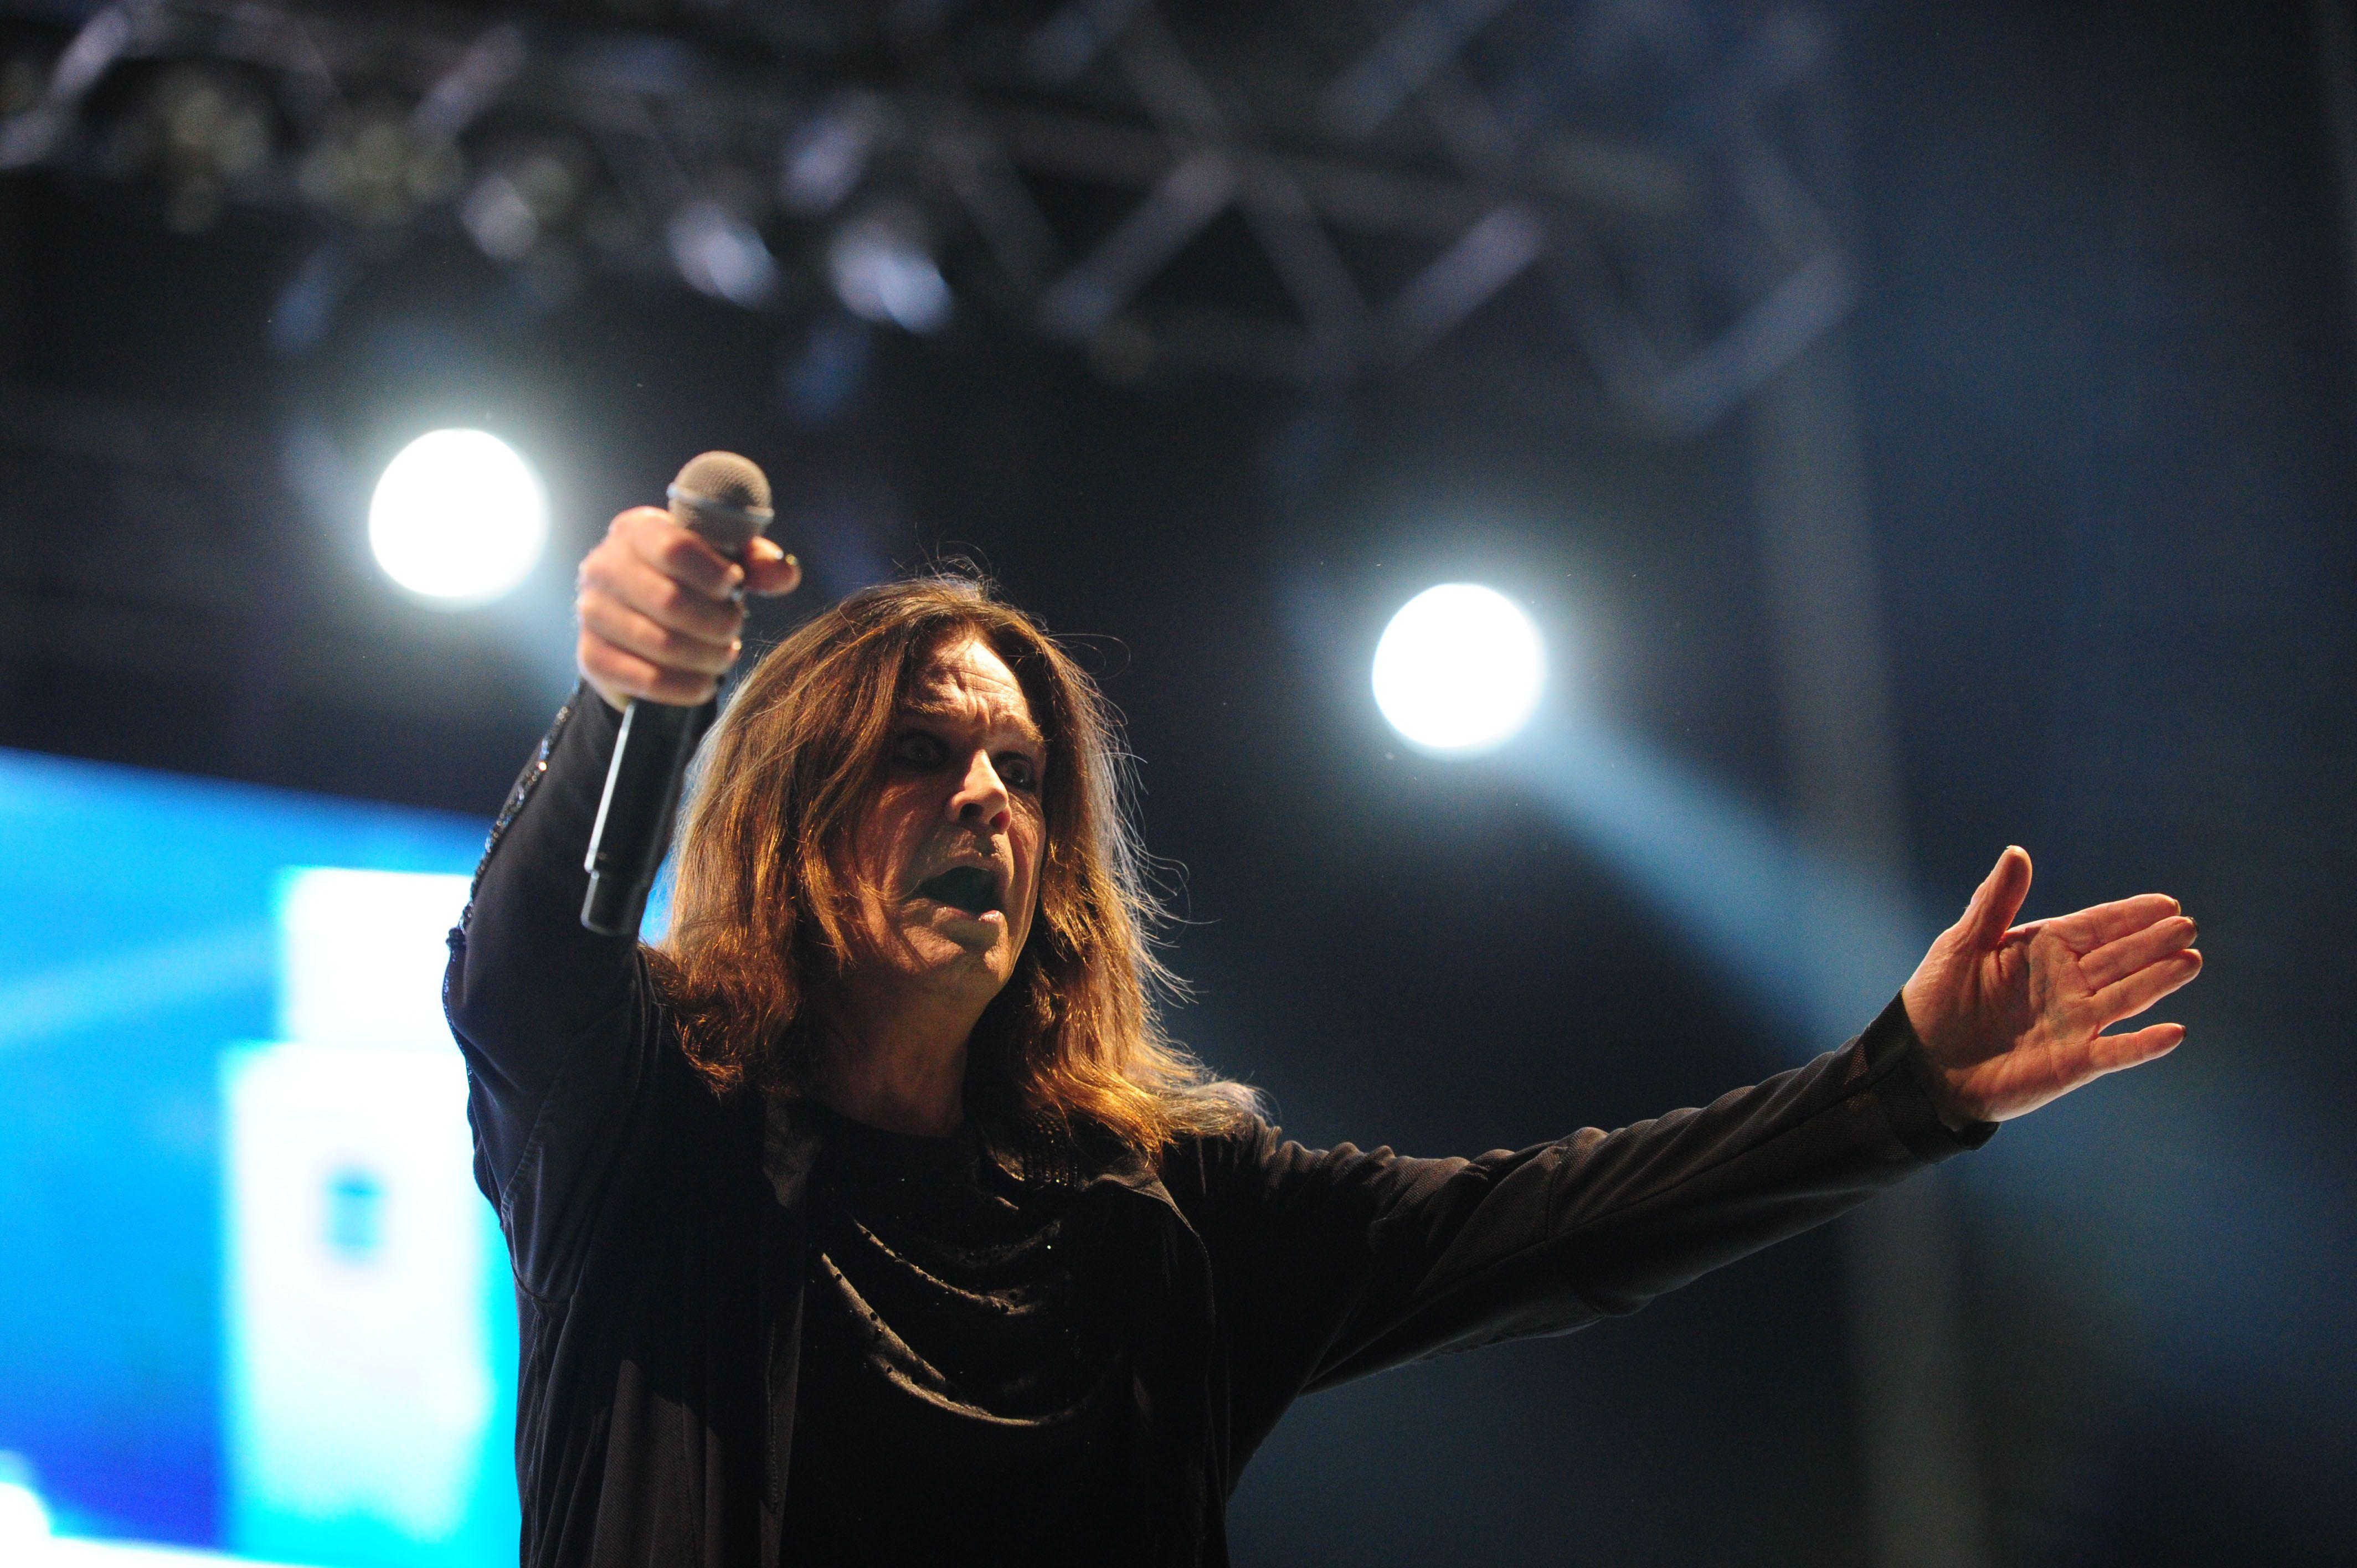 Ozzy Osbourne a sus 66 años se mostró en excelente forma.